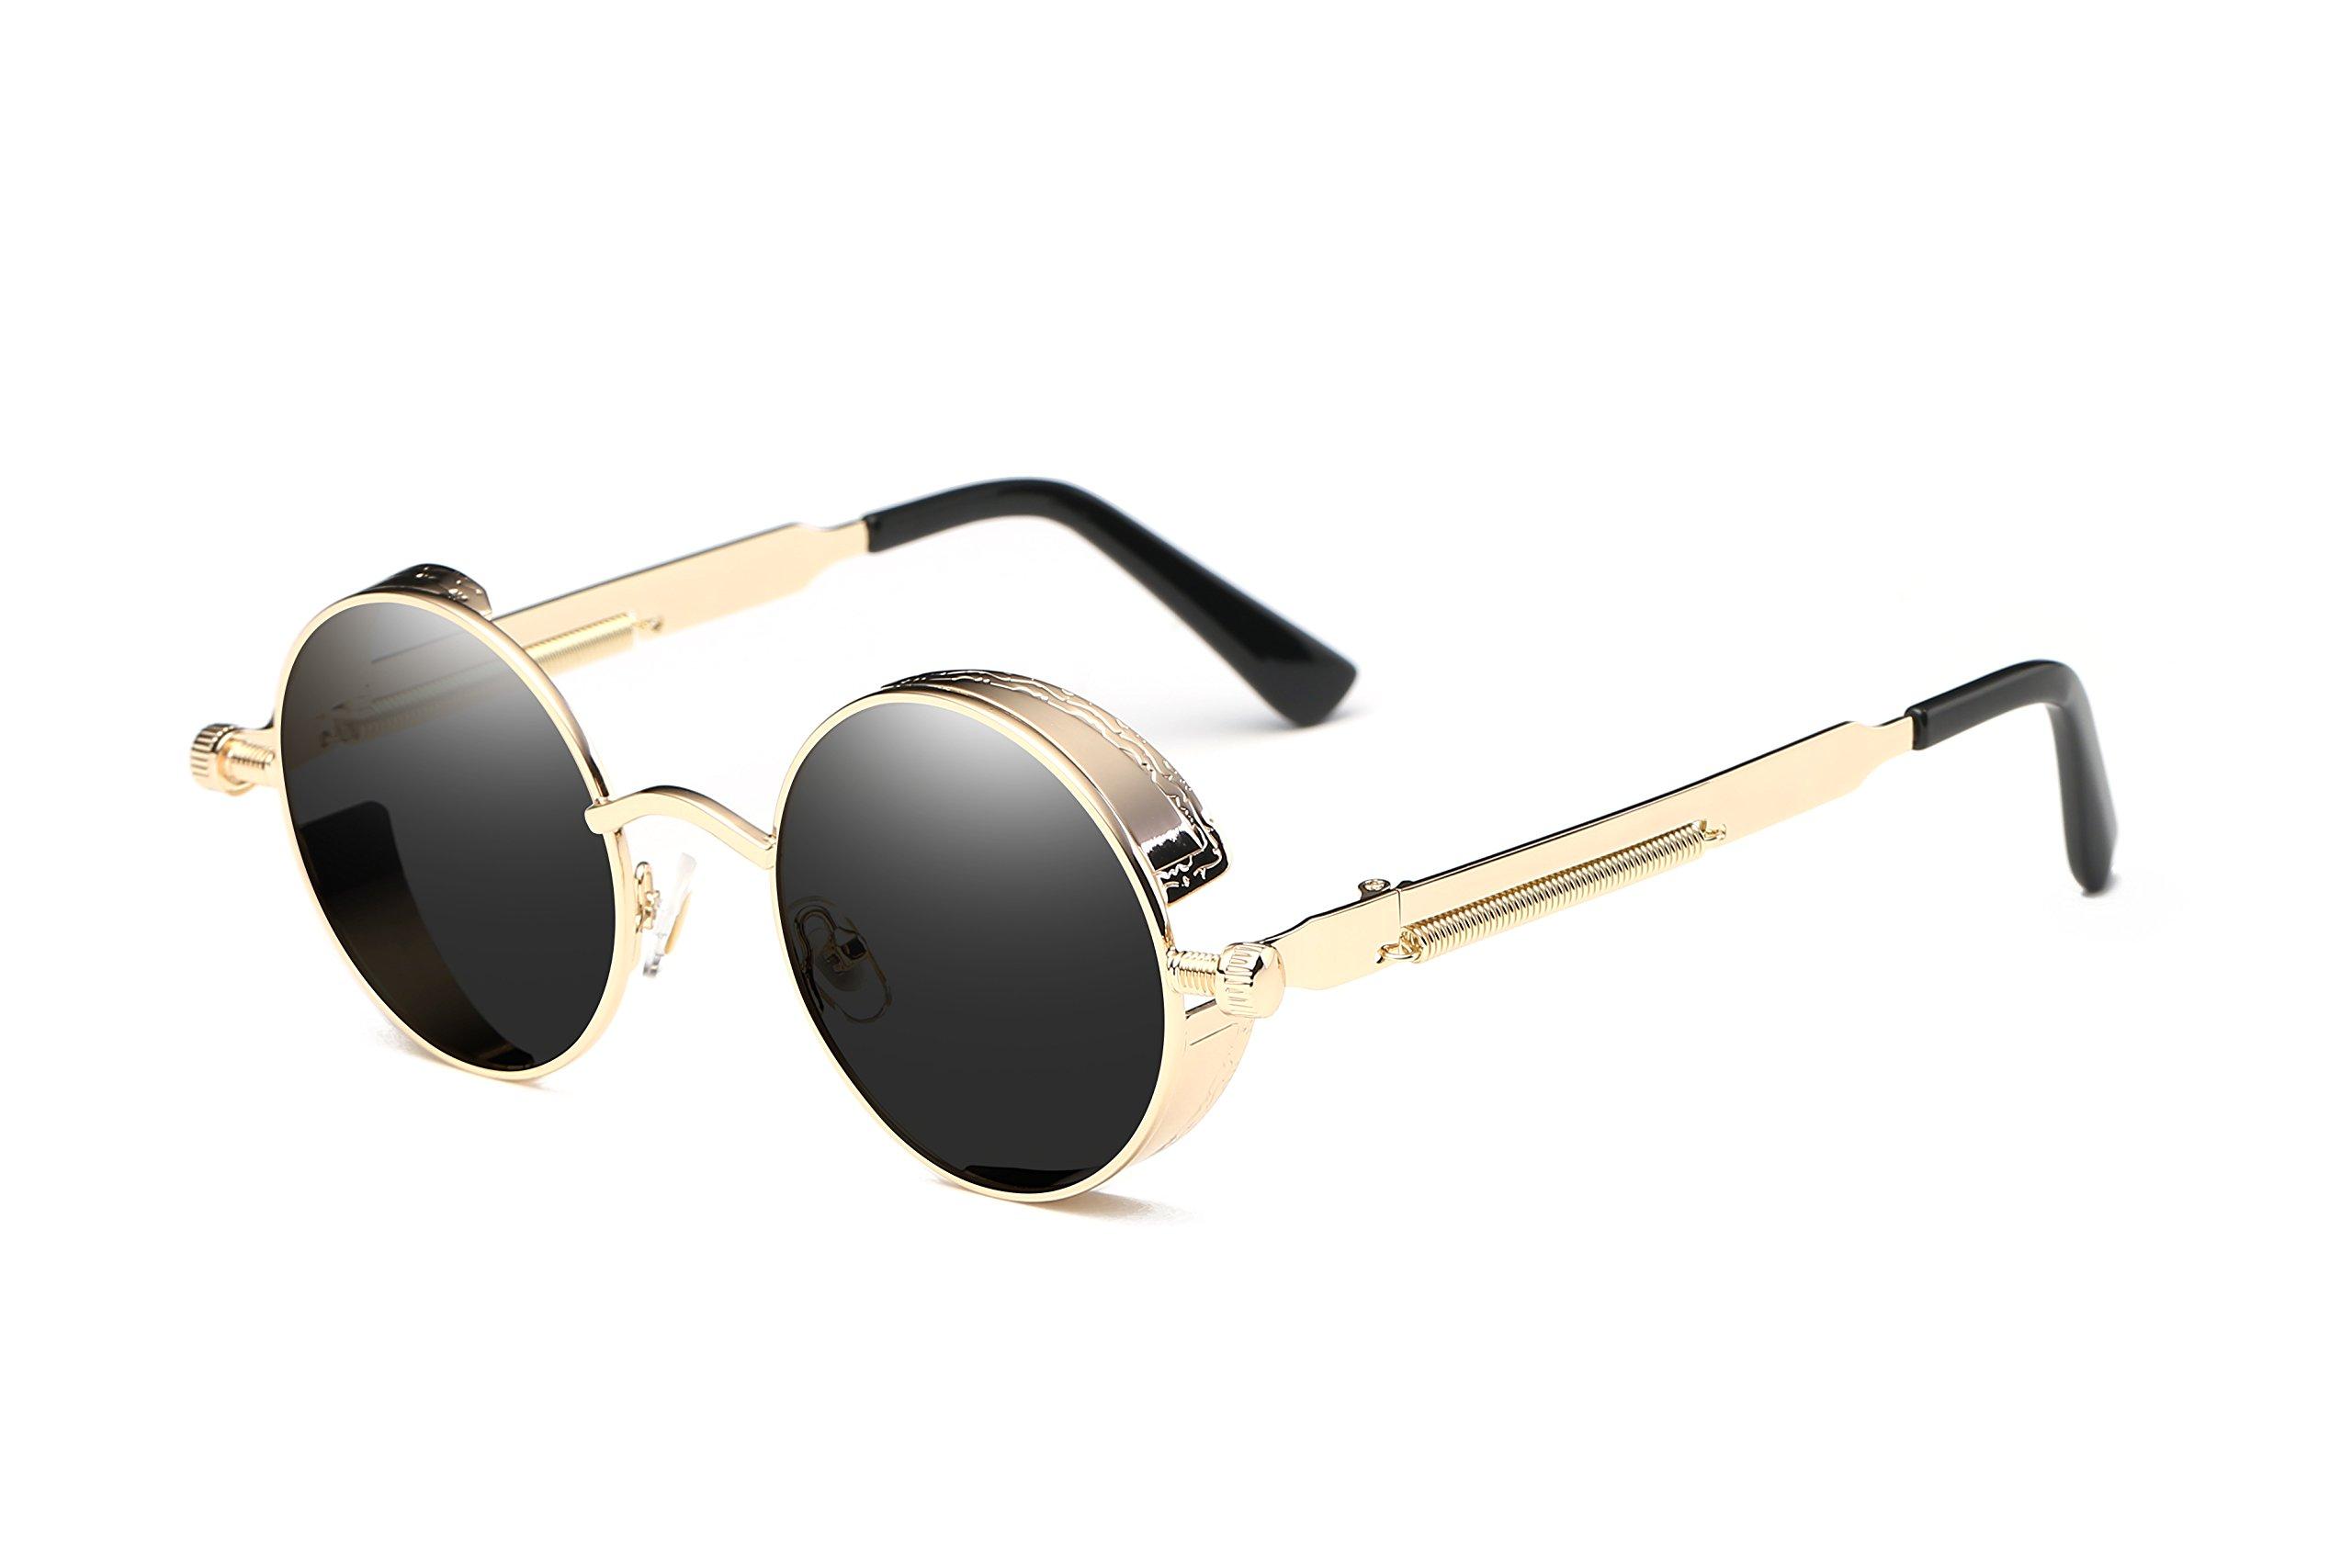 1de1aadeaf Dollger Men Retro Round Sunglasses Vintage Steampunk Gold Metal Frame Shades